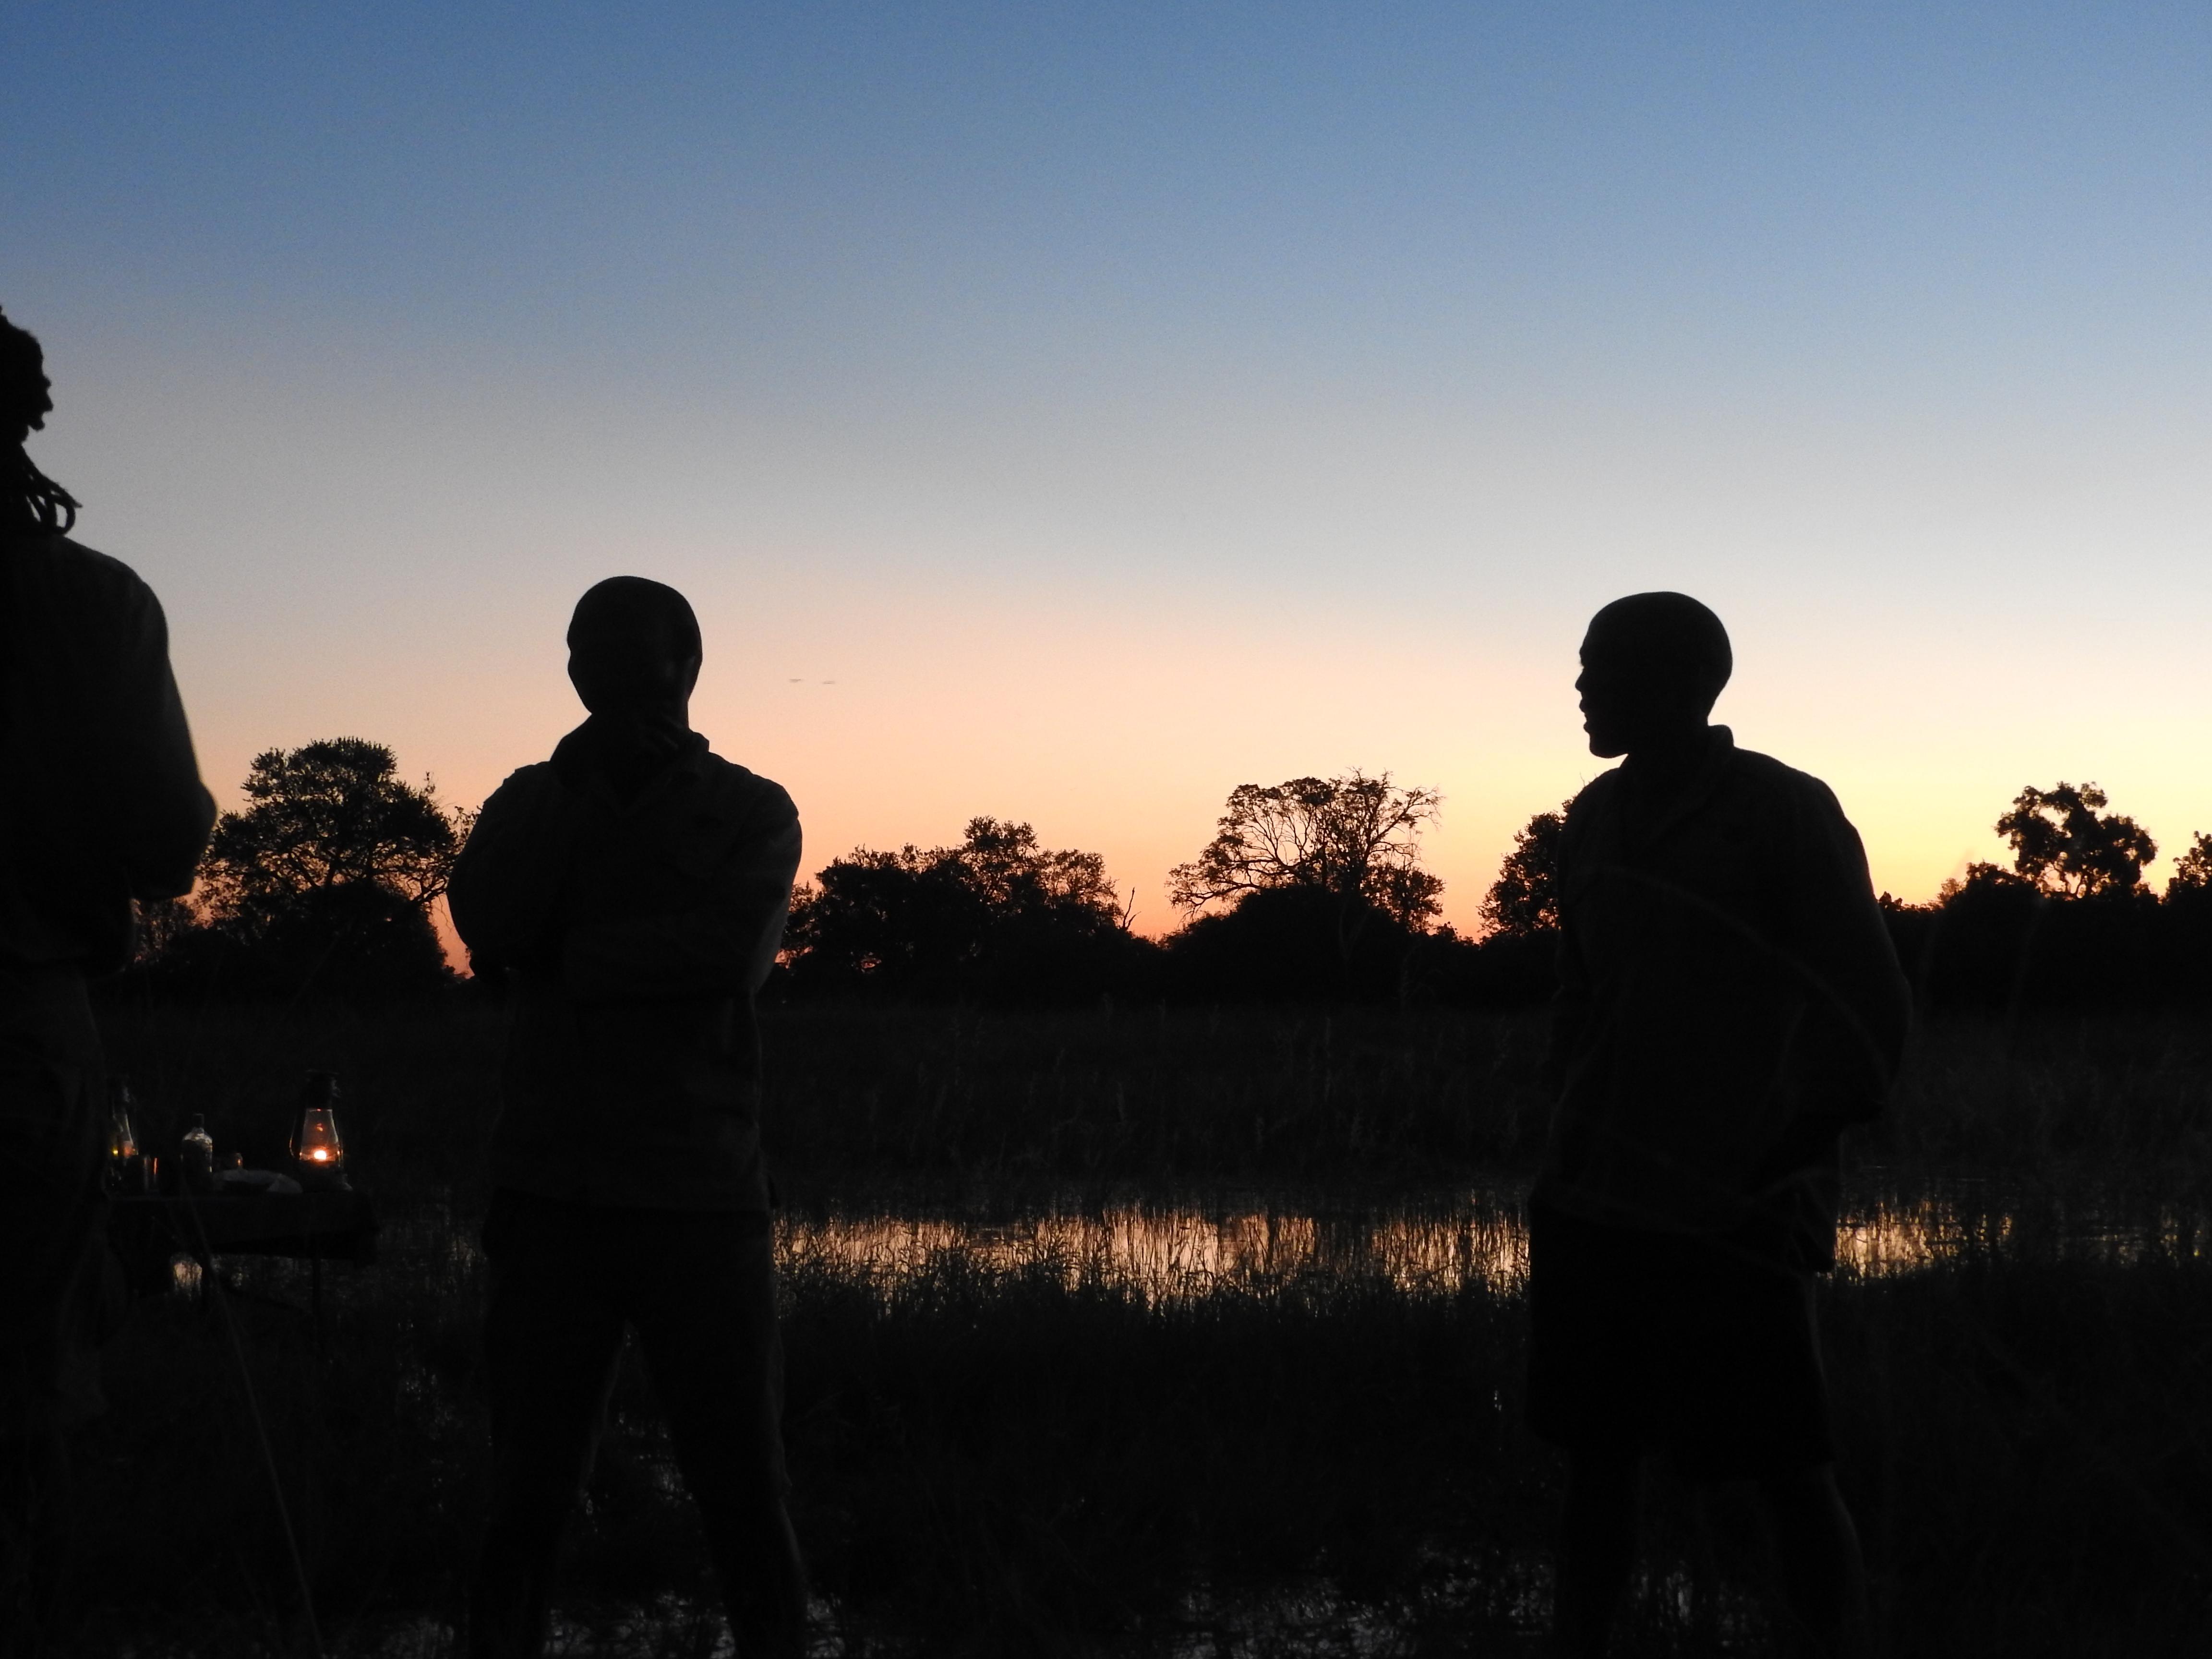 Sunset on the Okavano